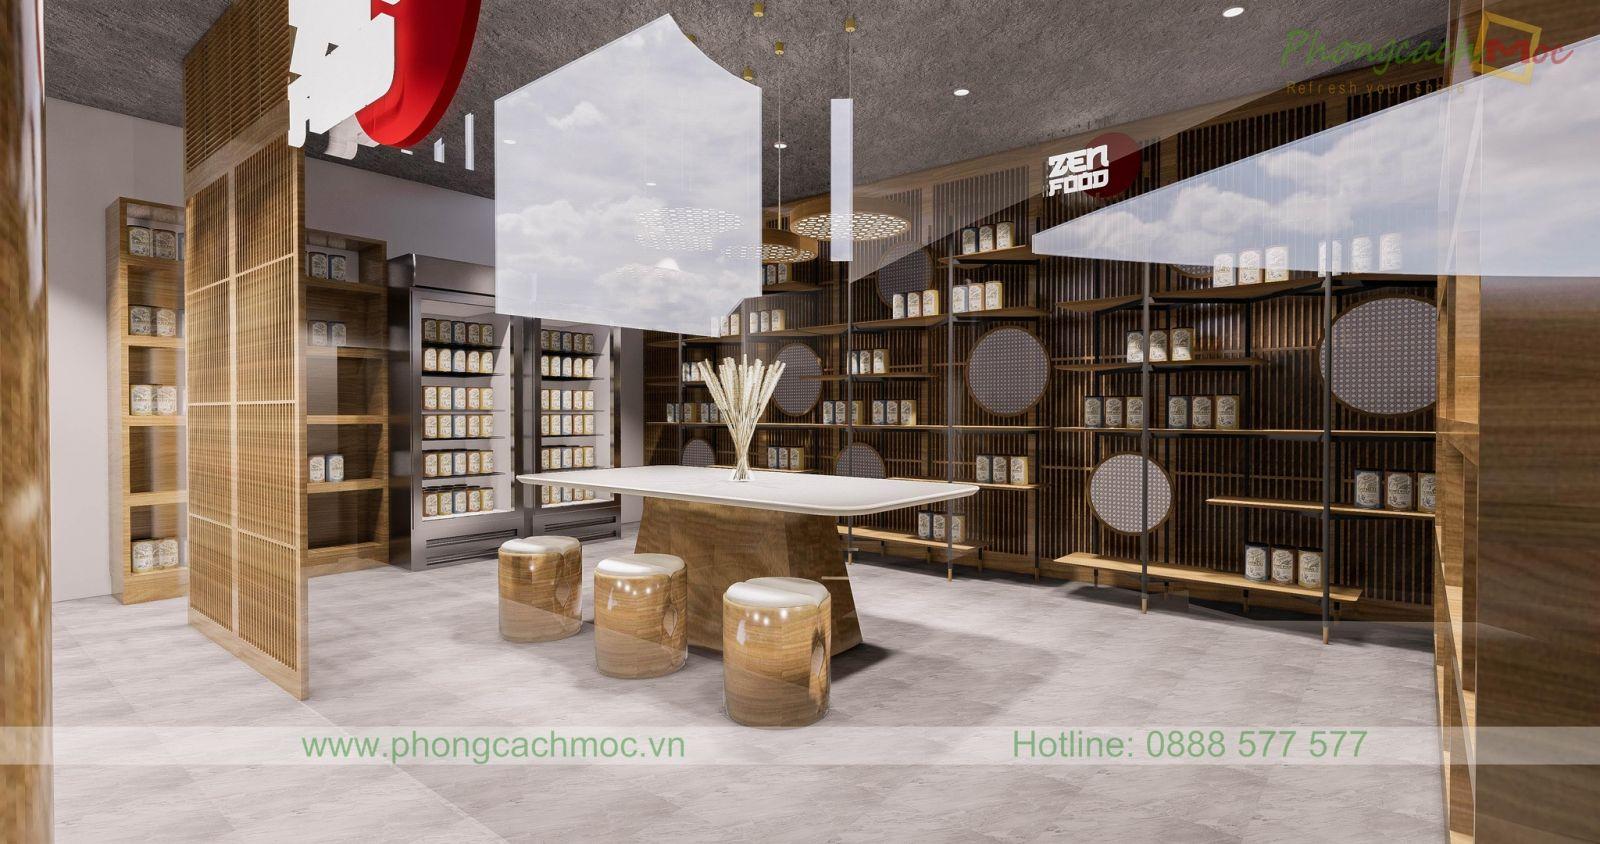 thiết kế phòng vip của nhà hàng chay với bàn nhóm